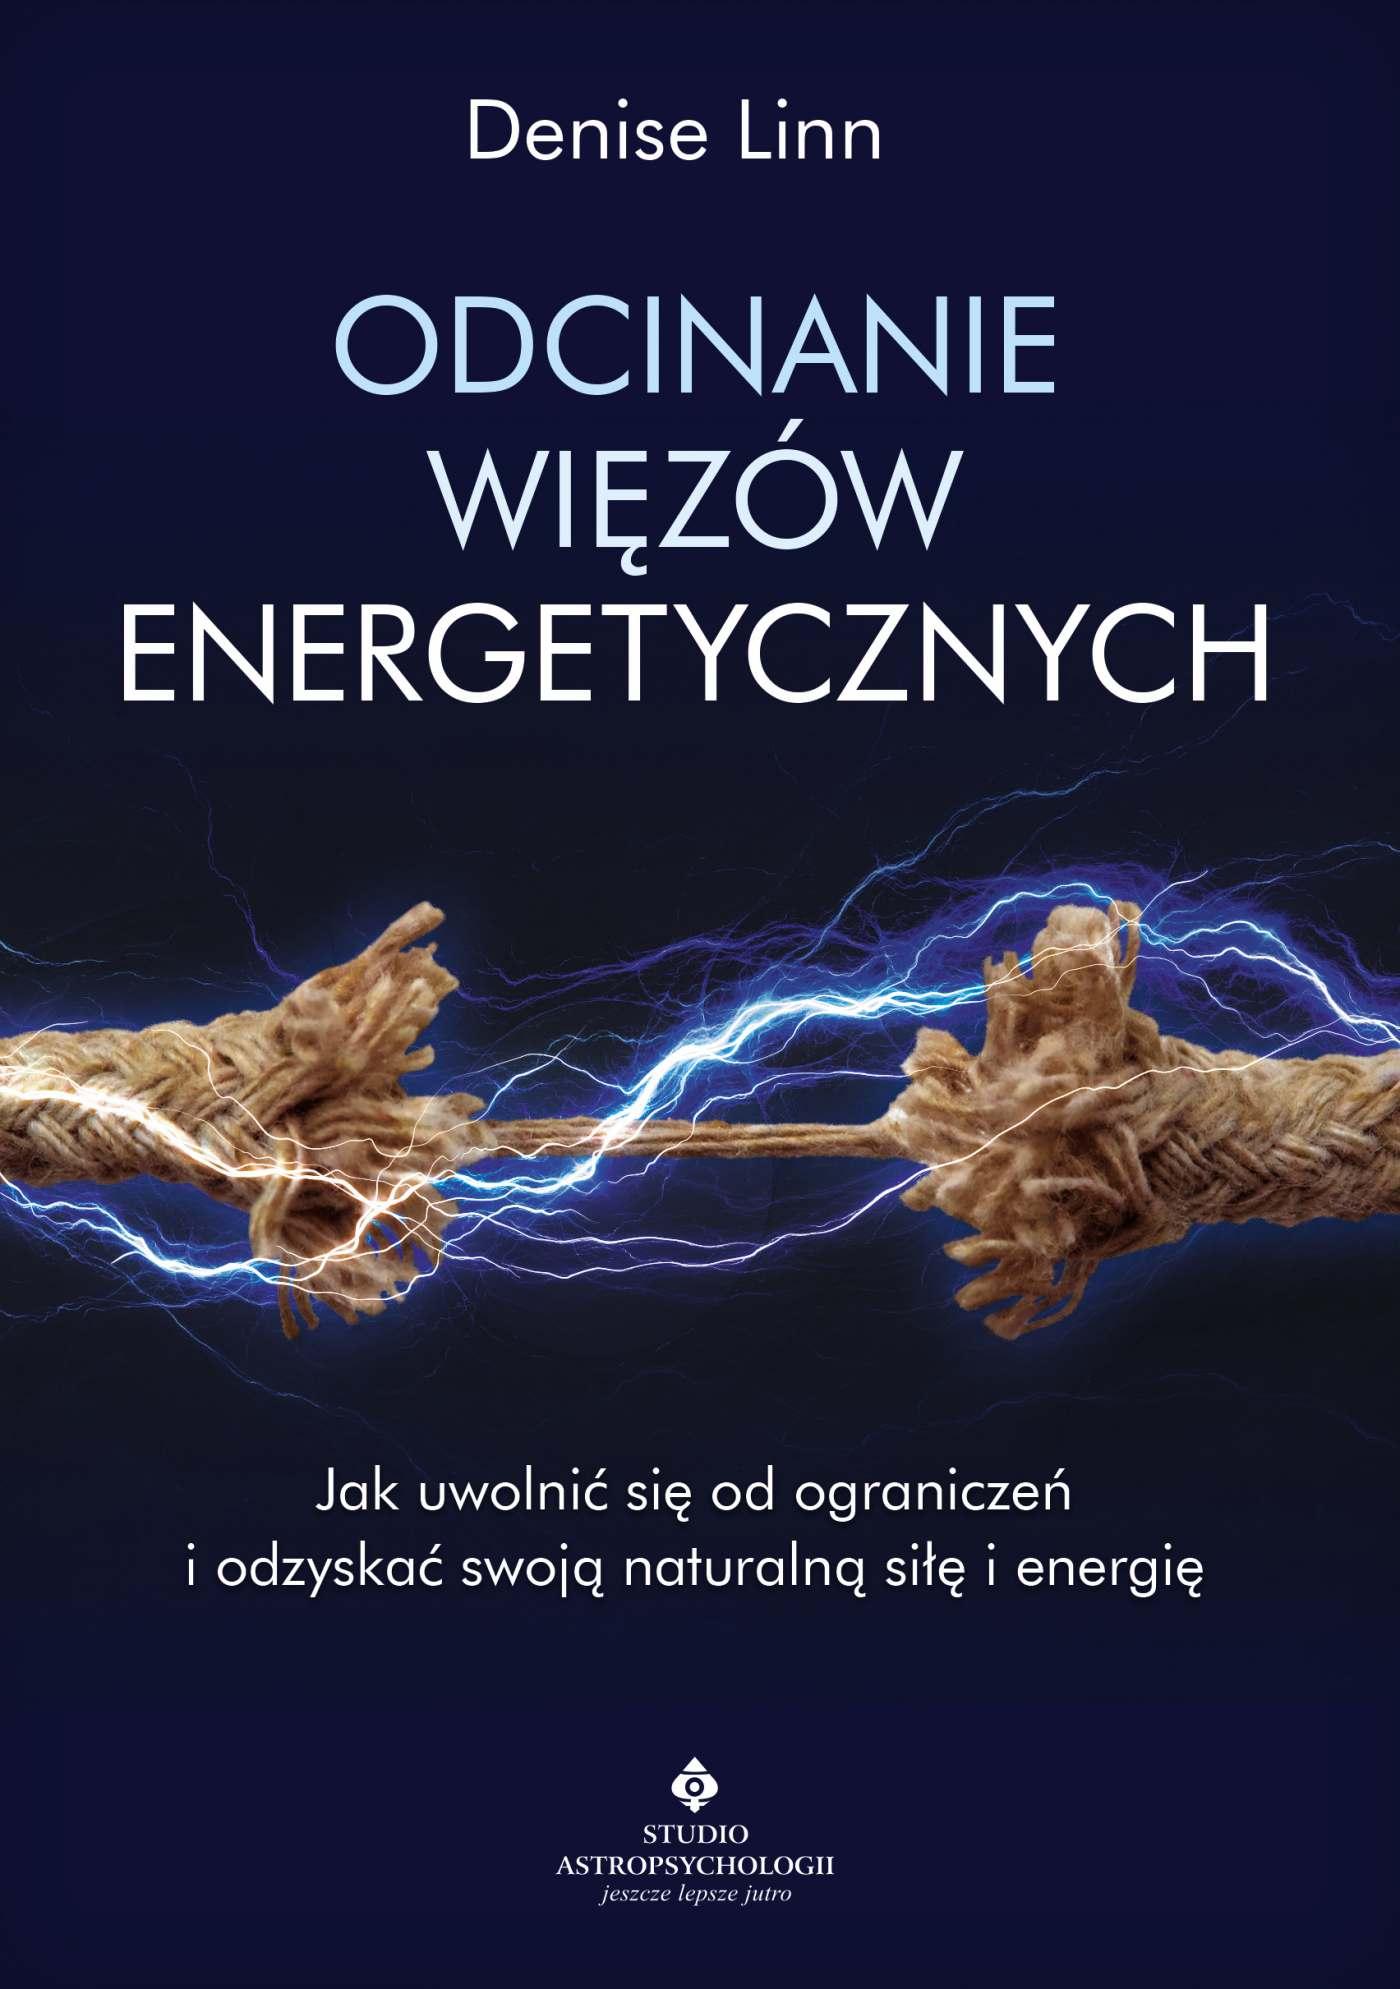 Odcinanie więzów energetycznych. Jak uwolnić się od ograniczeń i odzyskać swoją naturalną siłę i energię - Ebook (Książka EPUB) do pobrania w formacie EPUB